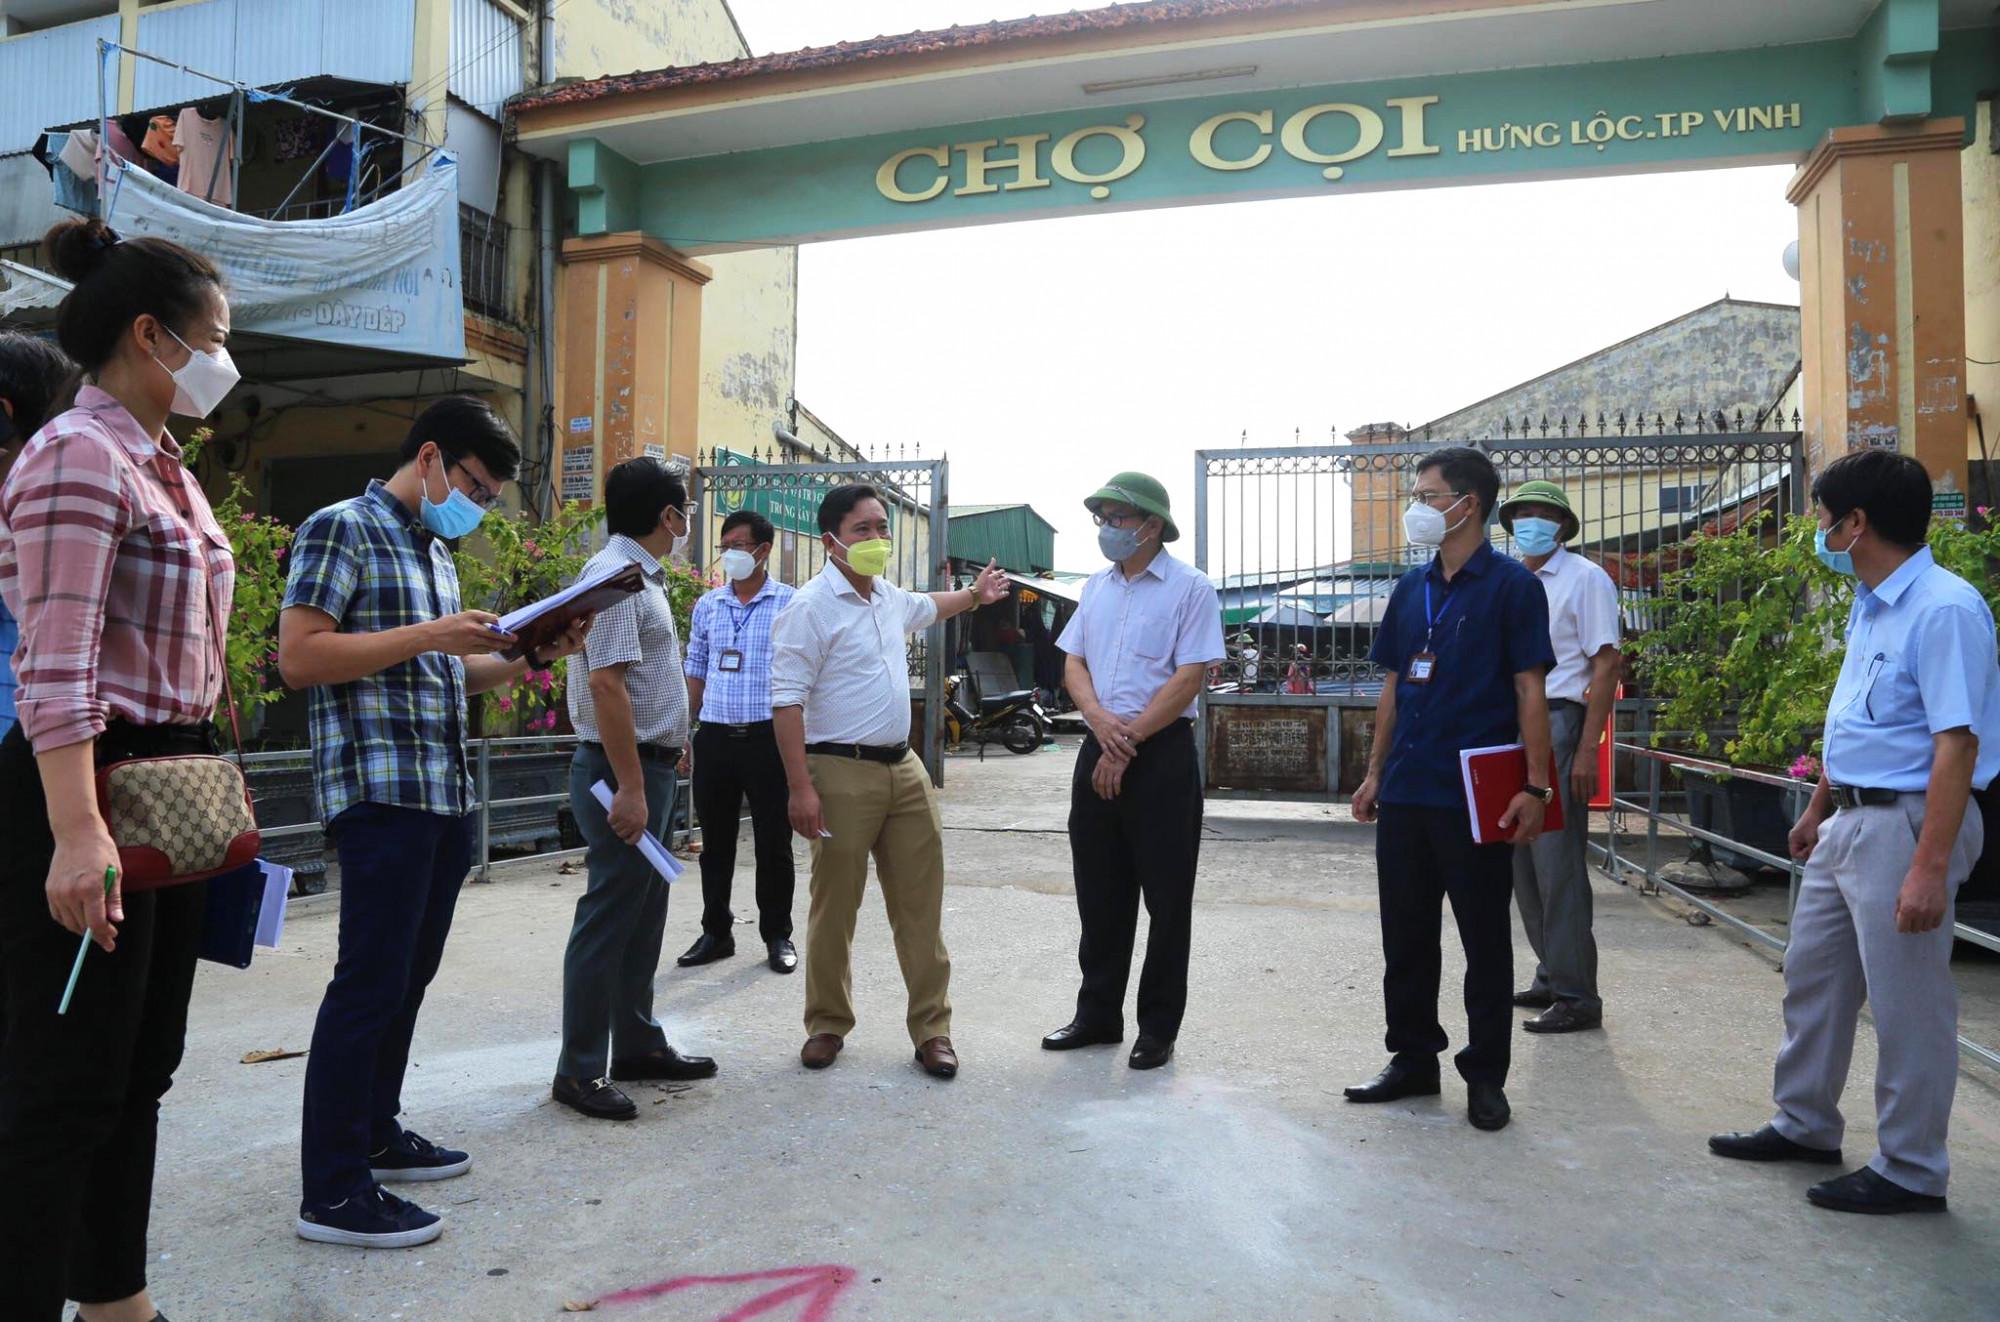 Sau một thời gian dài đóng cửa, TP. Vinh cũng cho phép một số chợ dân sinh trên địa bàn hoạt động trở lại nếu đảm bảo công tác phòng chống dịch.